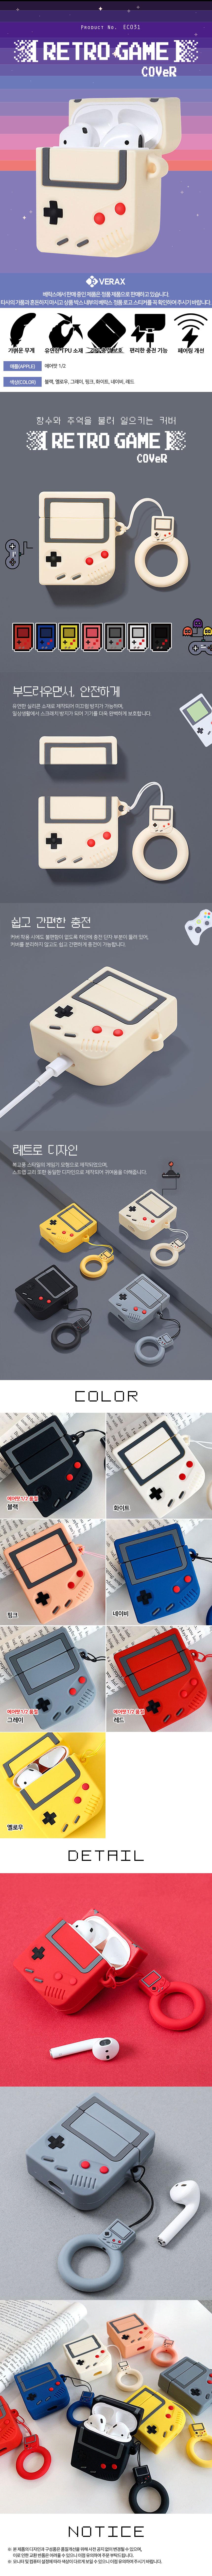 에어팟1 2 레트로 게임기 실리콘 케이스 EC031 - 베락스, 16,000원, 이어폰, 이어폰 악세서리